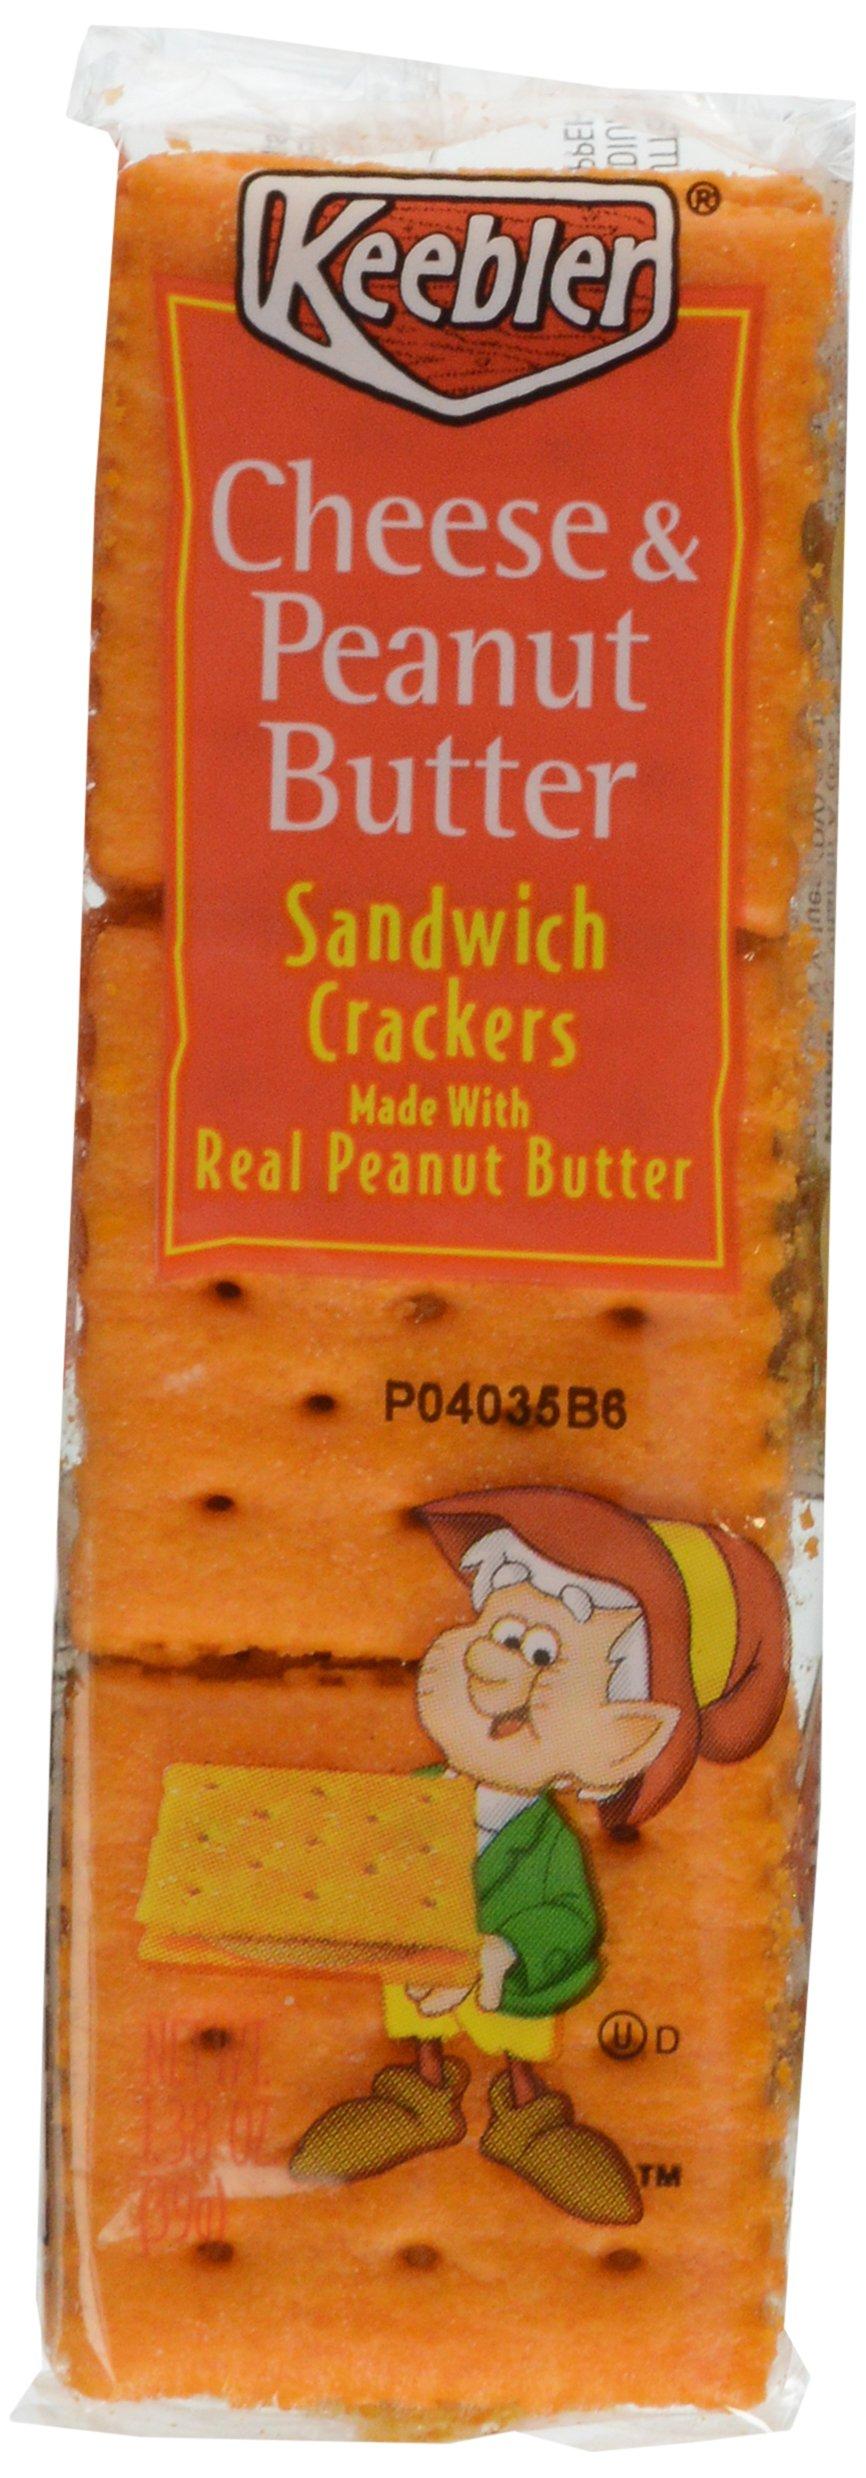 Keebler, Cheese & Peanut Butter Cracker Pack, 8 ct, 11.4 oz